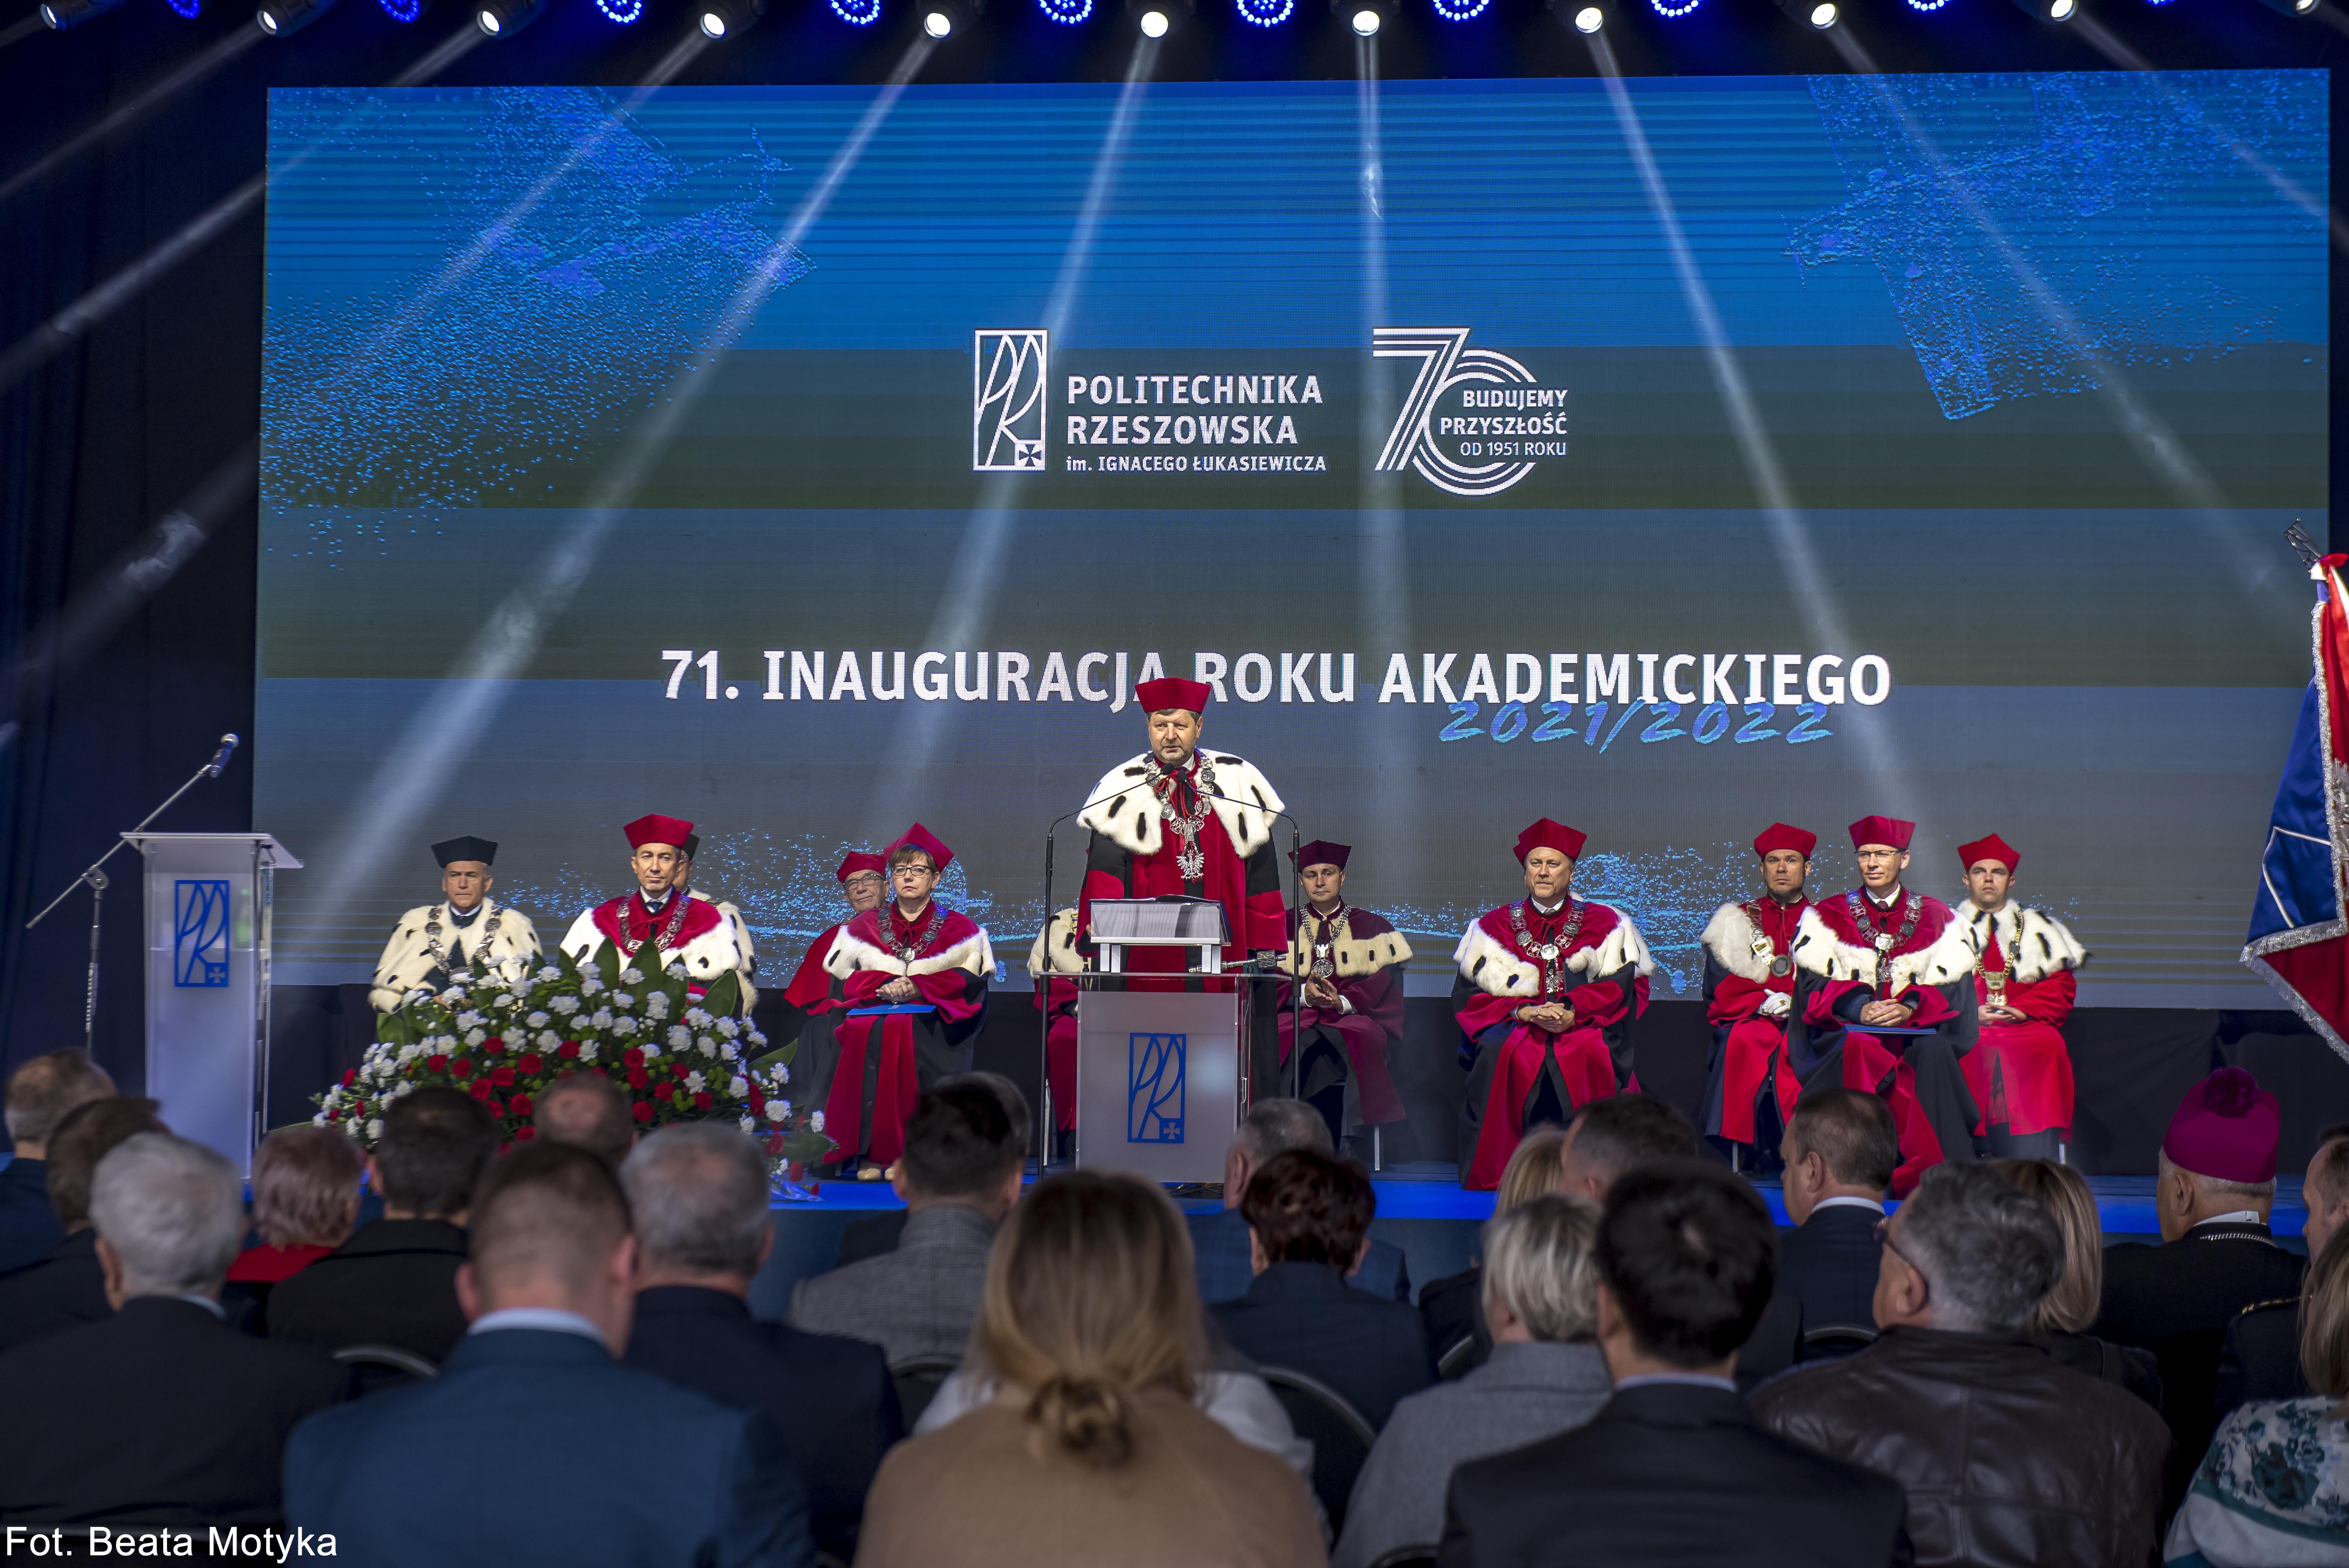 Uroczysta inauguracja 71. Roku Akademickiego Politechniki Rzeszowskiej